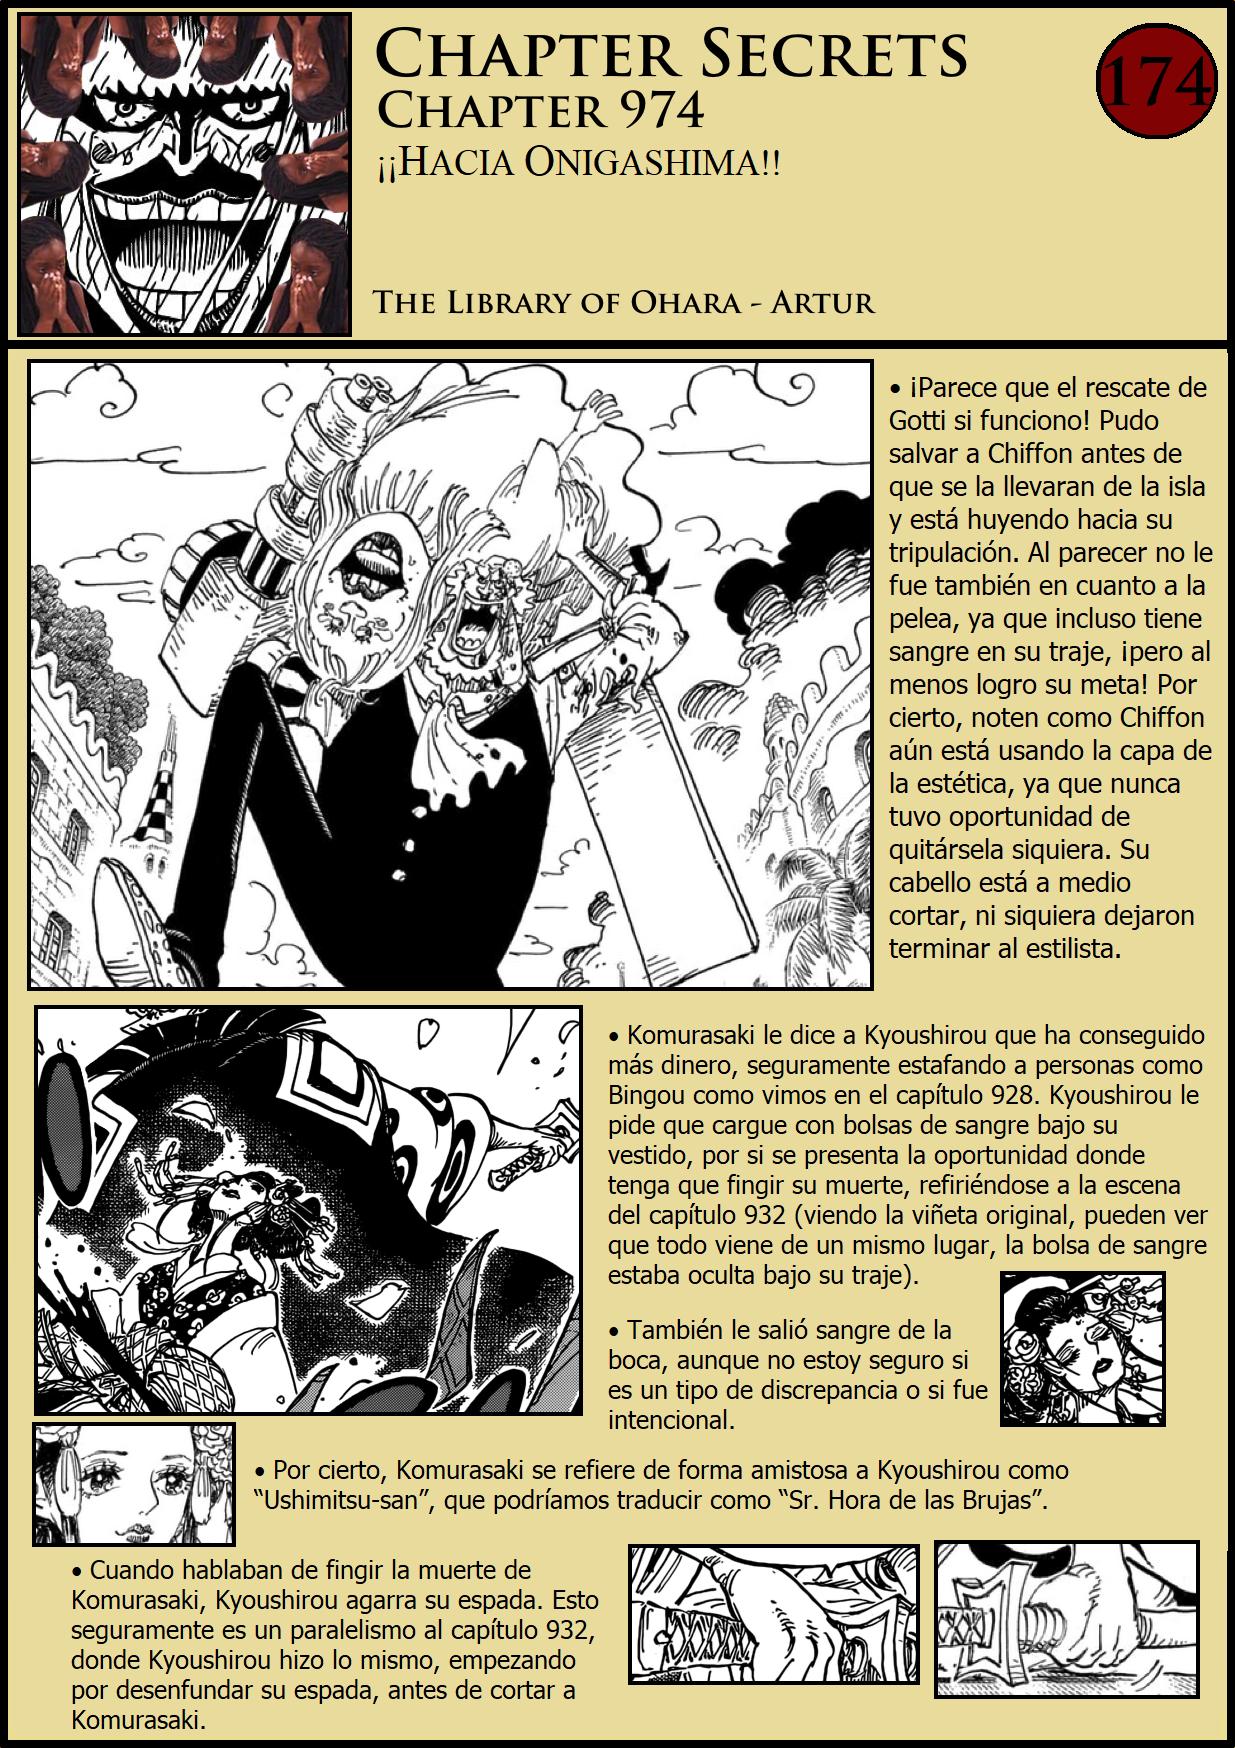 Secretos & Curiosidades - One Piece Manga 974 01